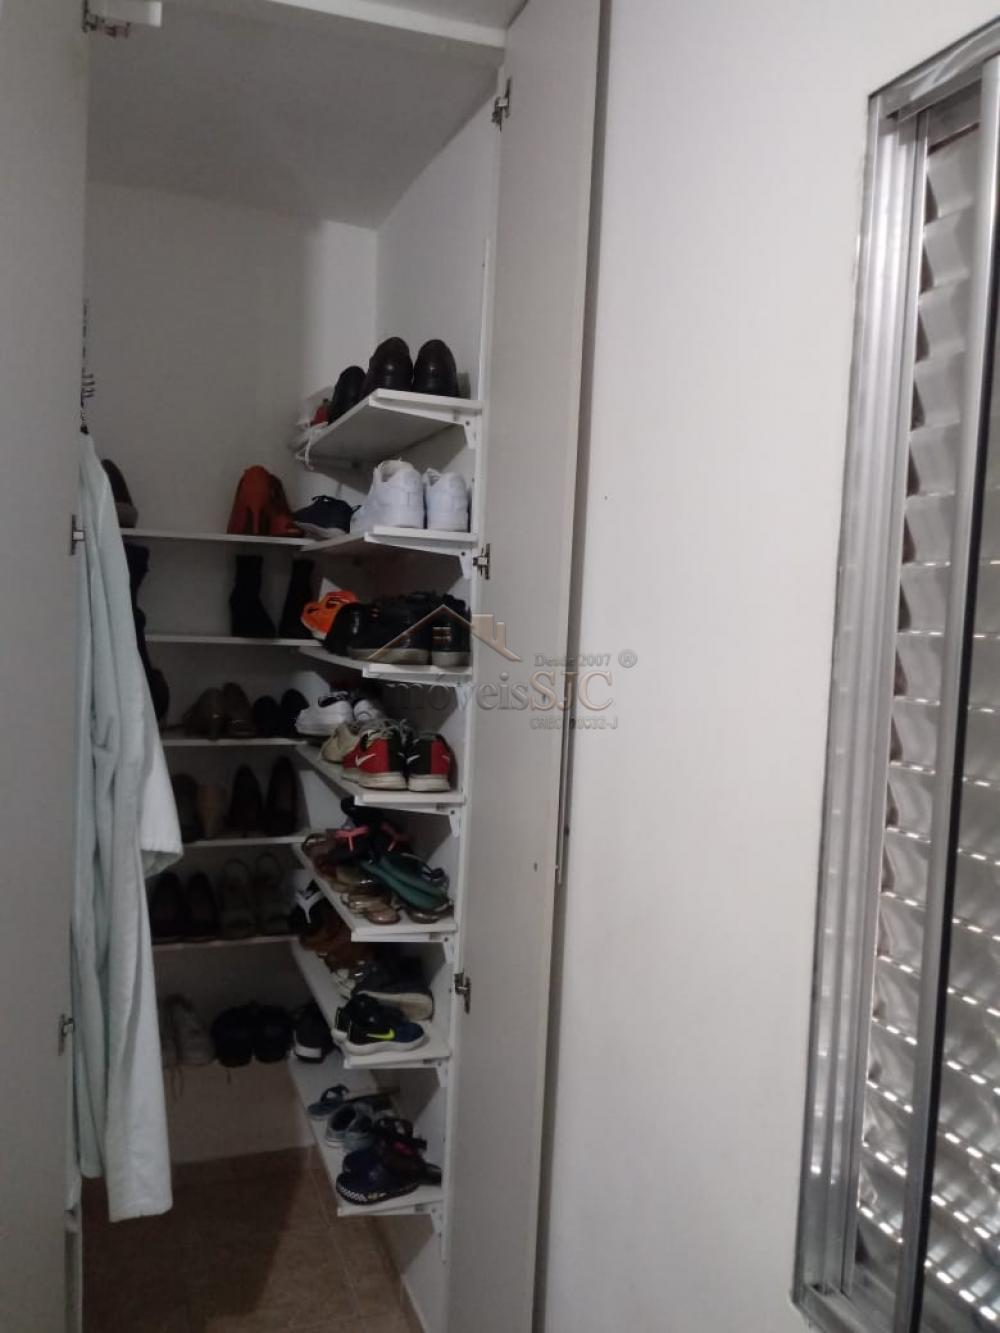 Comprar Casas / Padrão em São José dos Campos apenas R$ 250.000,00 - Foto 10